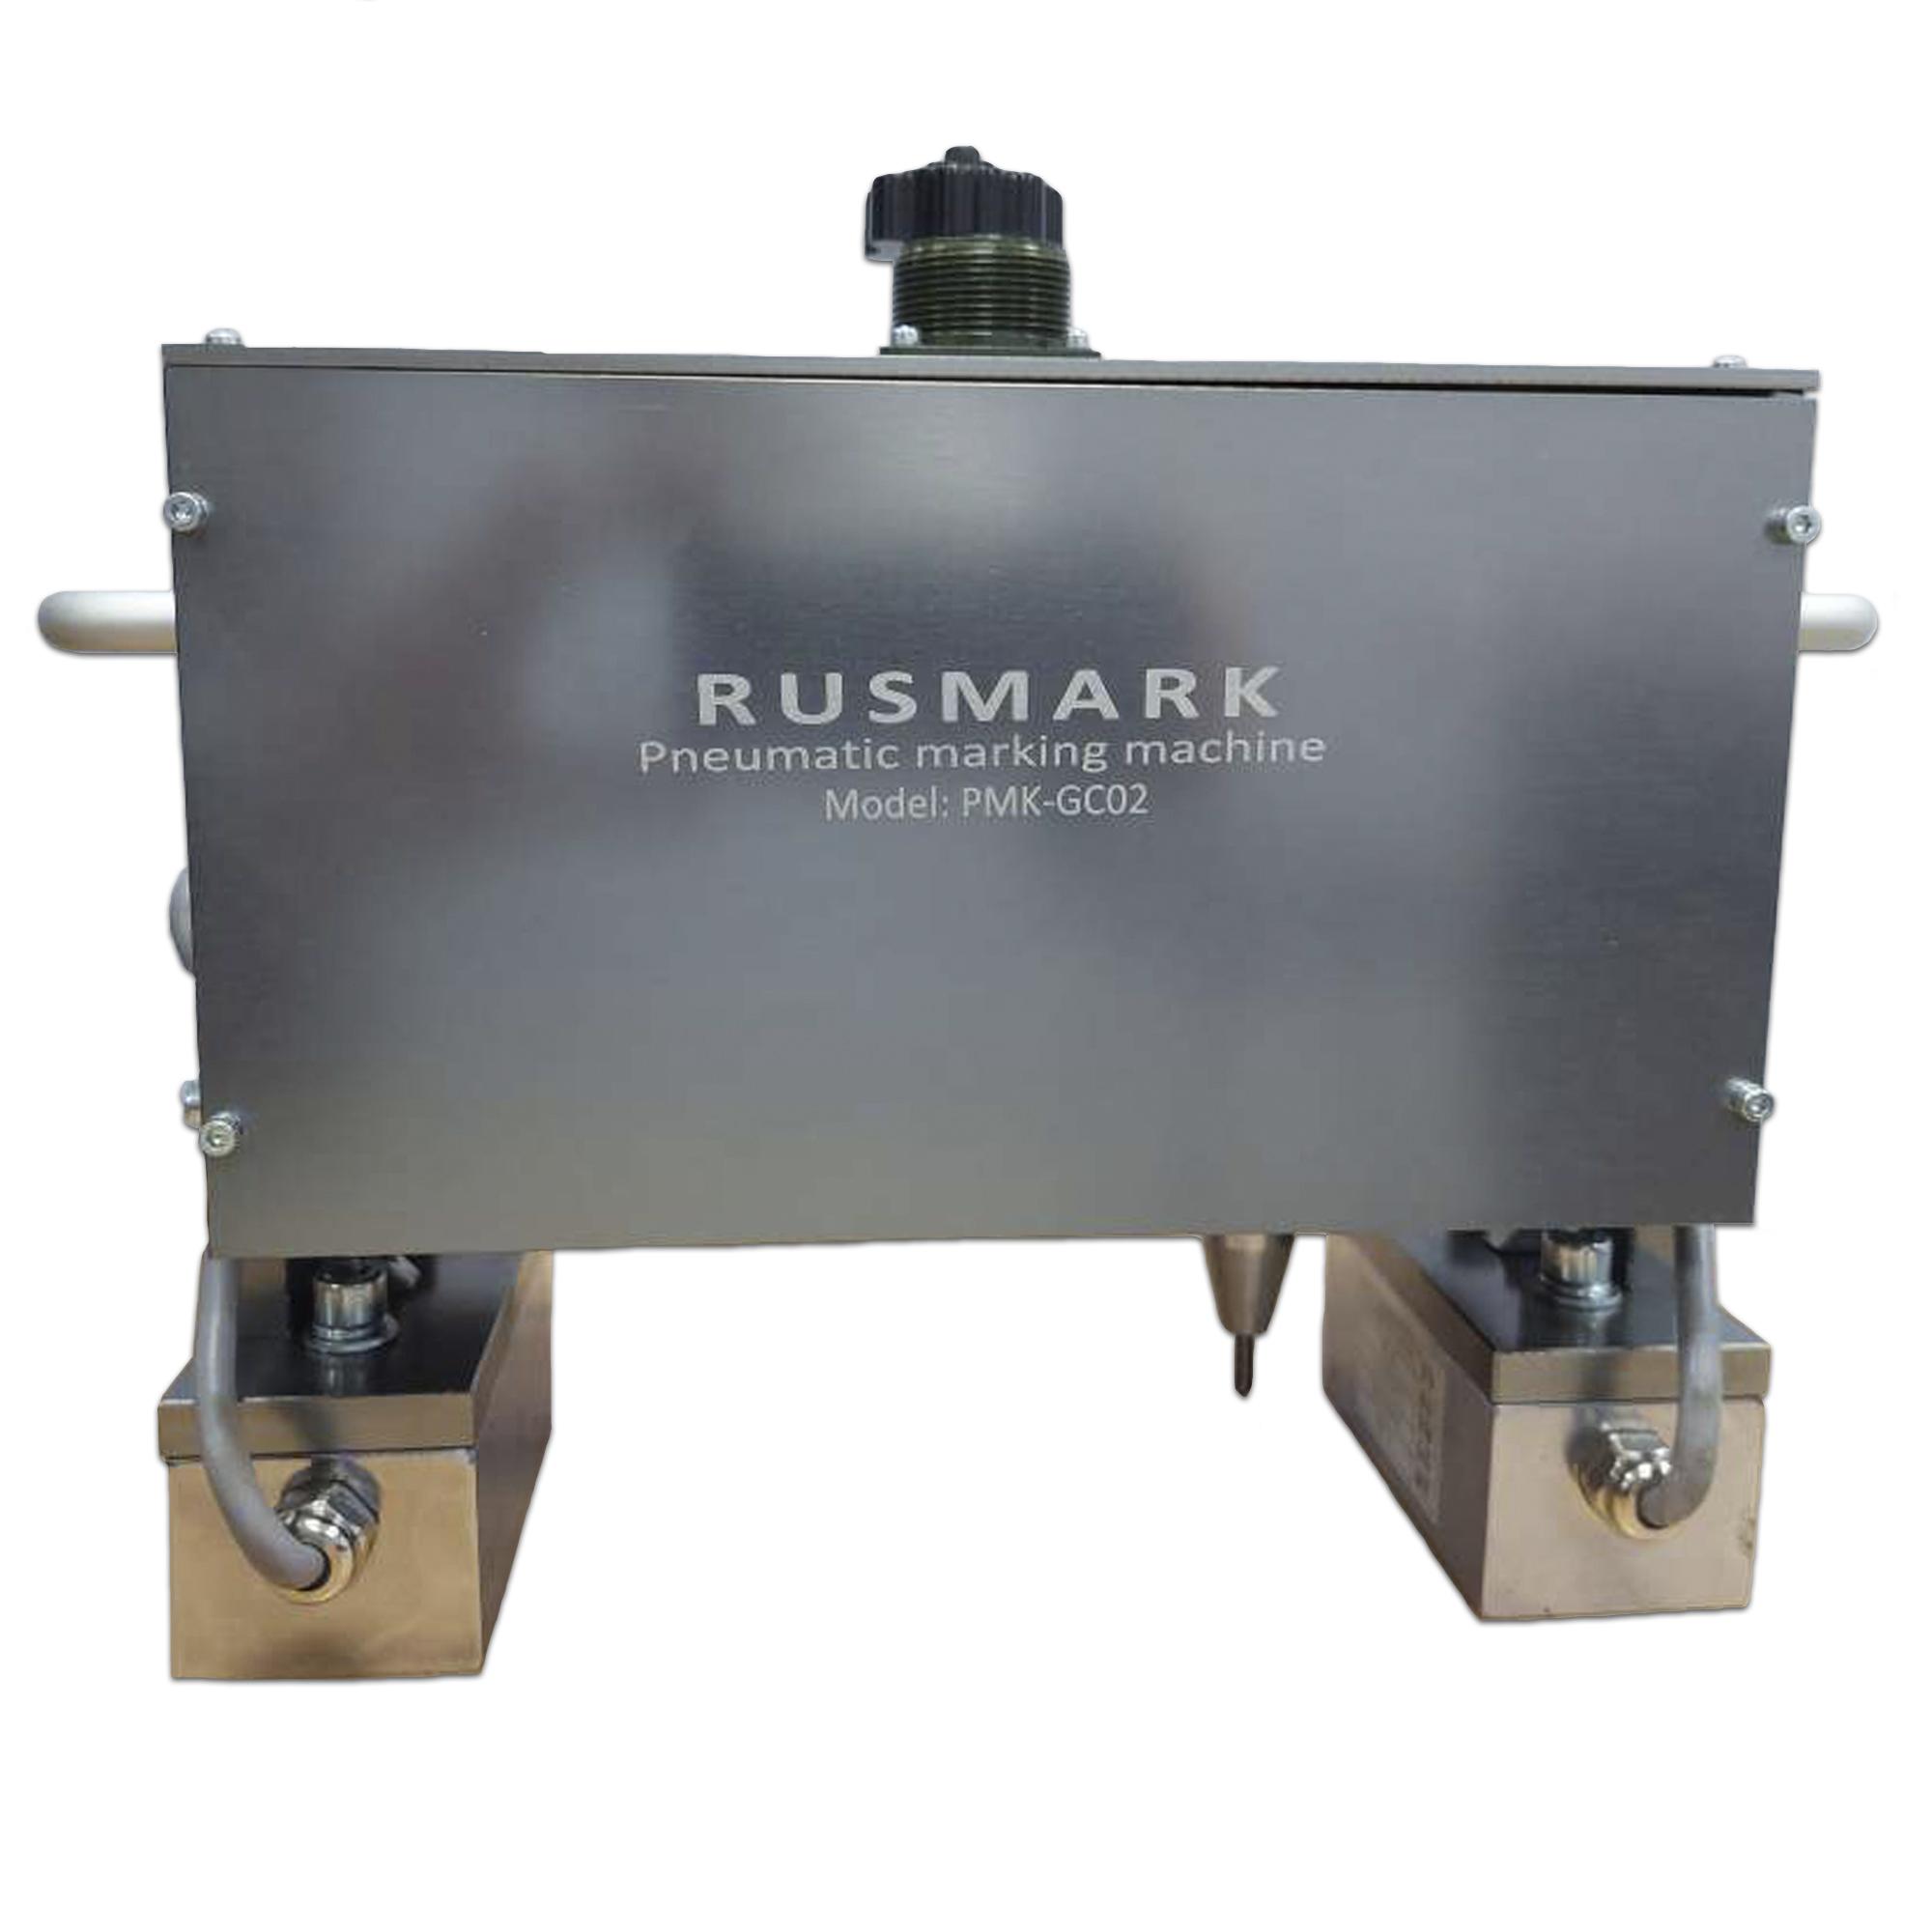 Портативный пневматический ударно-точечный маркиратор RUSMARK PMK-GC02, LCD экран, ПО Kingmark, окно 130*30мм, с магнитами